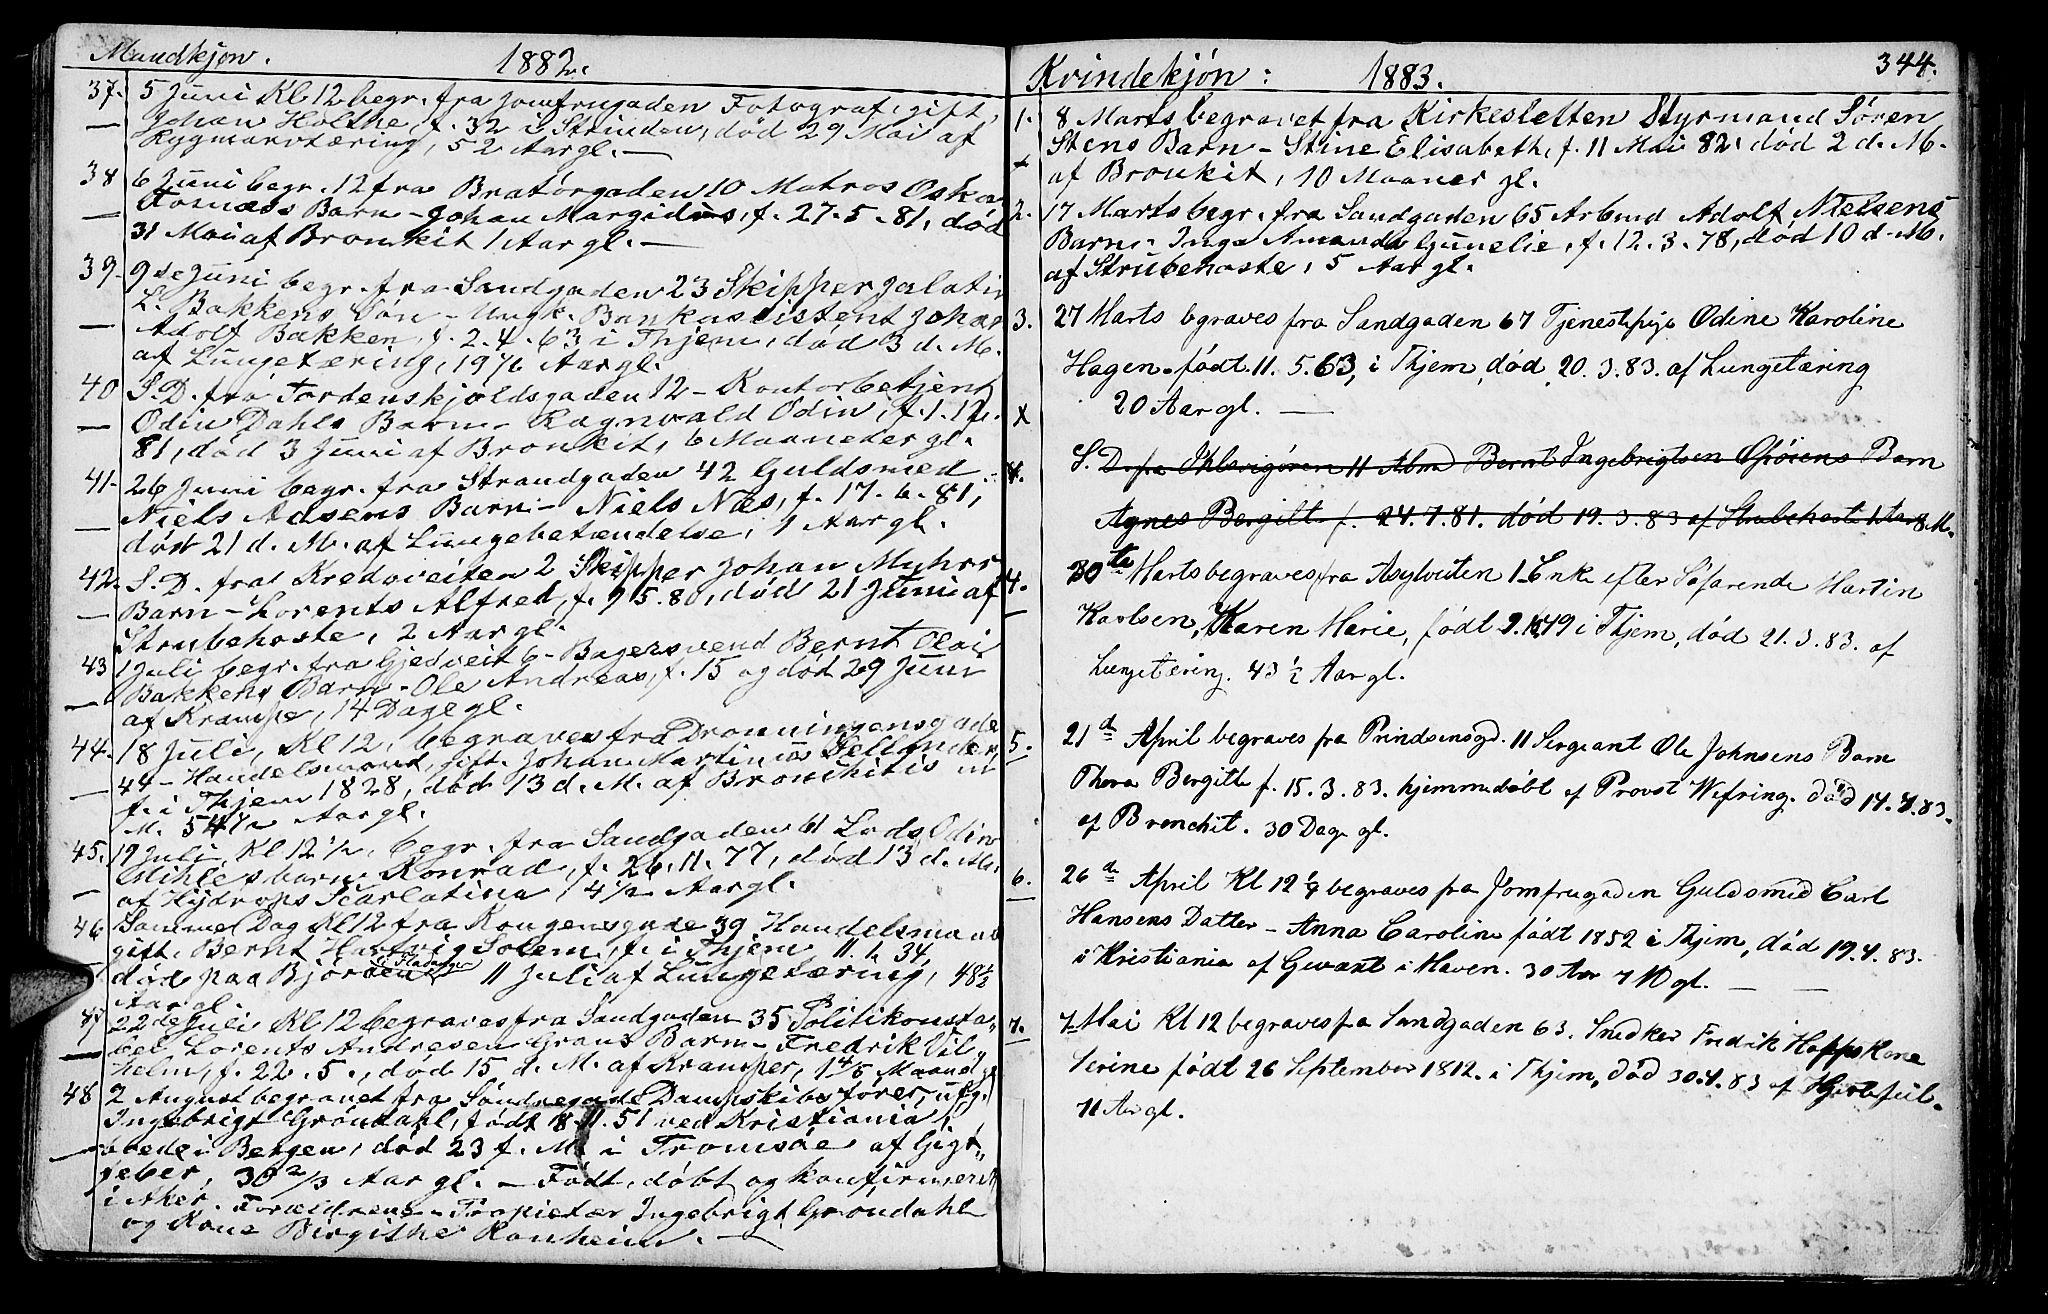 SAT, Ministerialprotokoller, klokkerbøker og fødselsregistre - Sør-Trøndelag, 602/L0142: Klokkerbok nr. 602C10, 1872-1894, s. 344